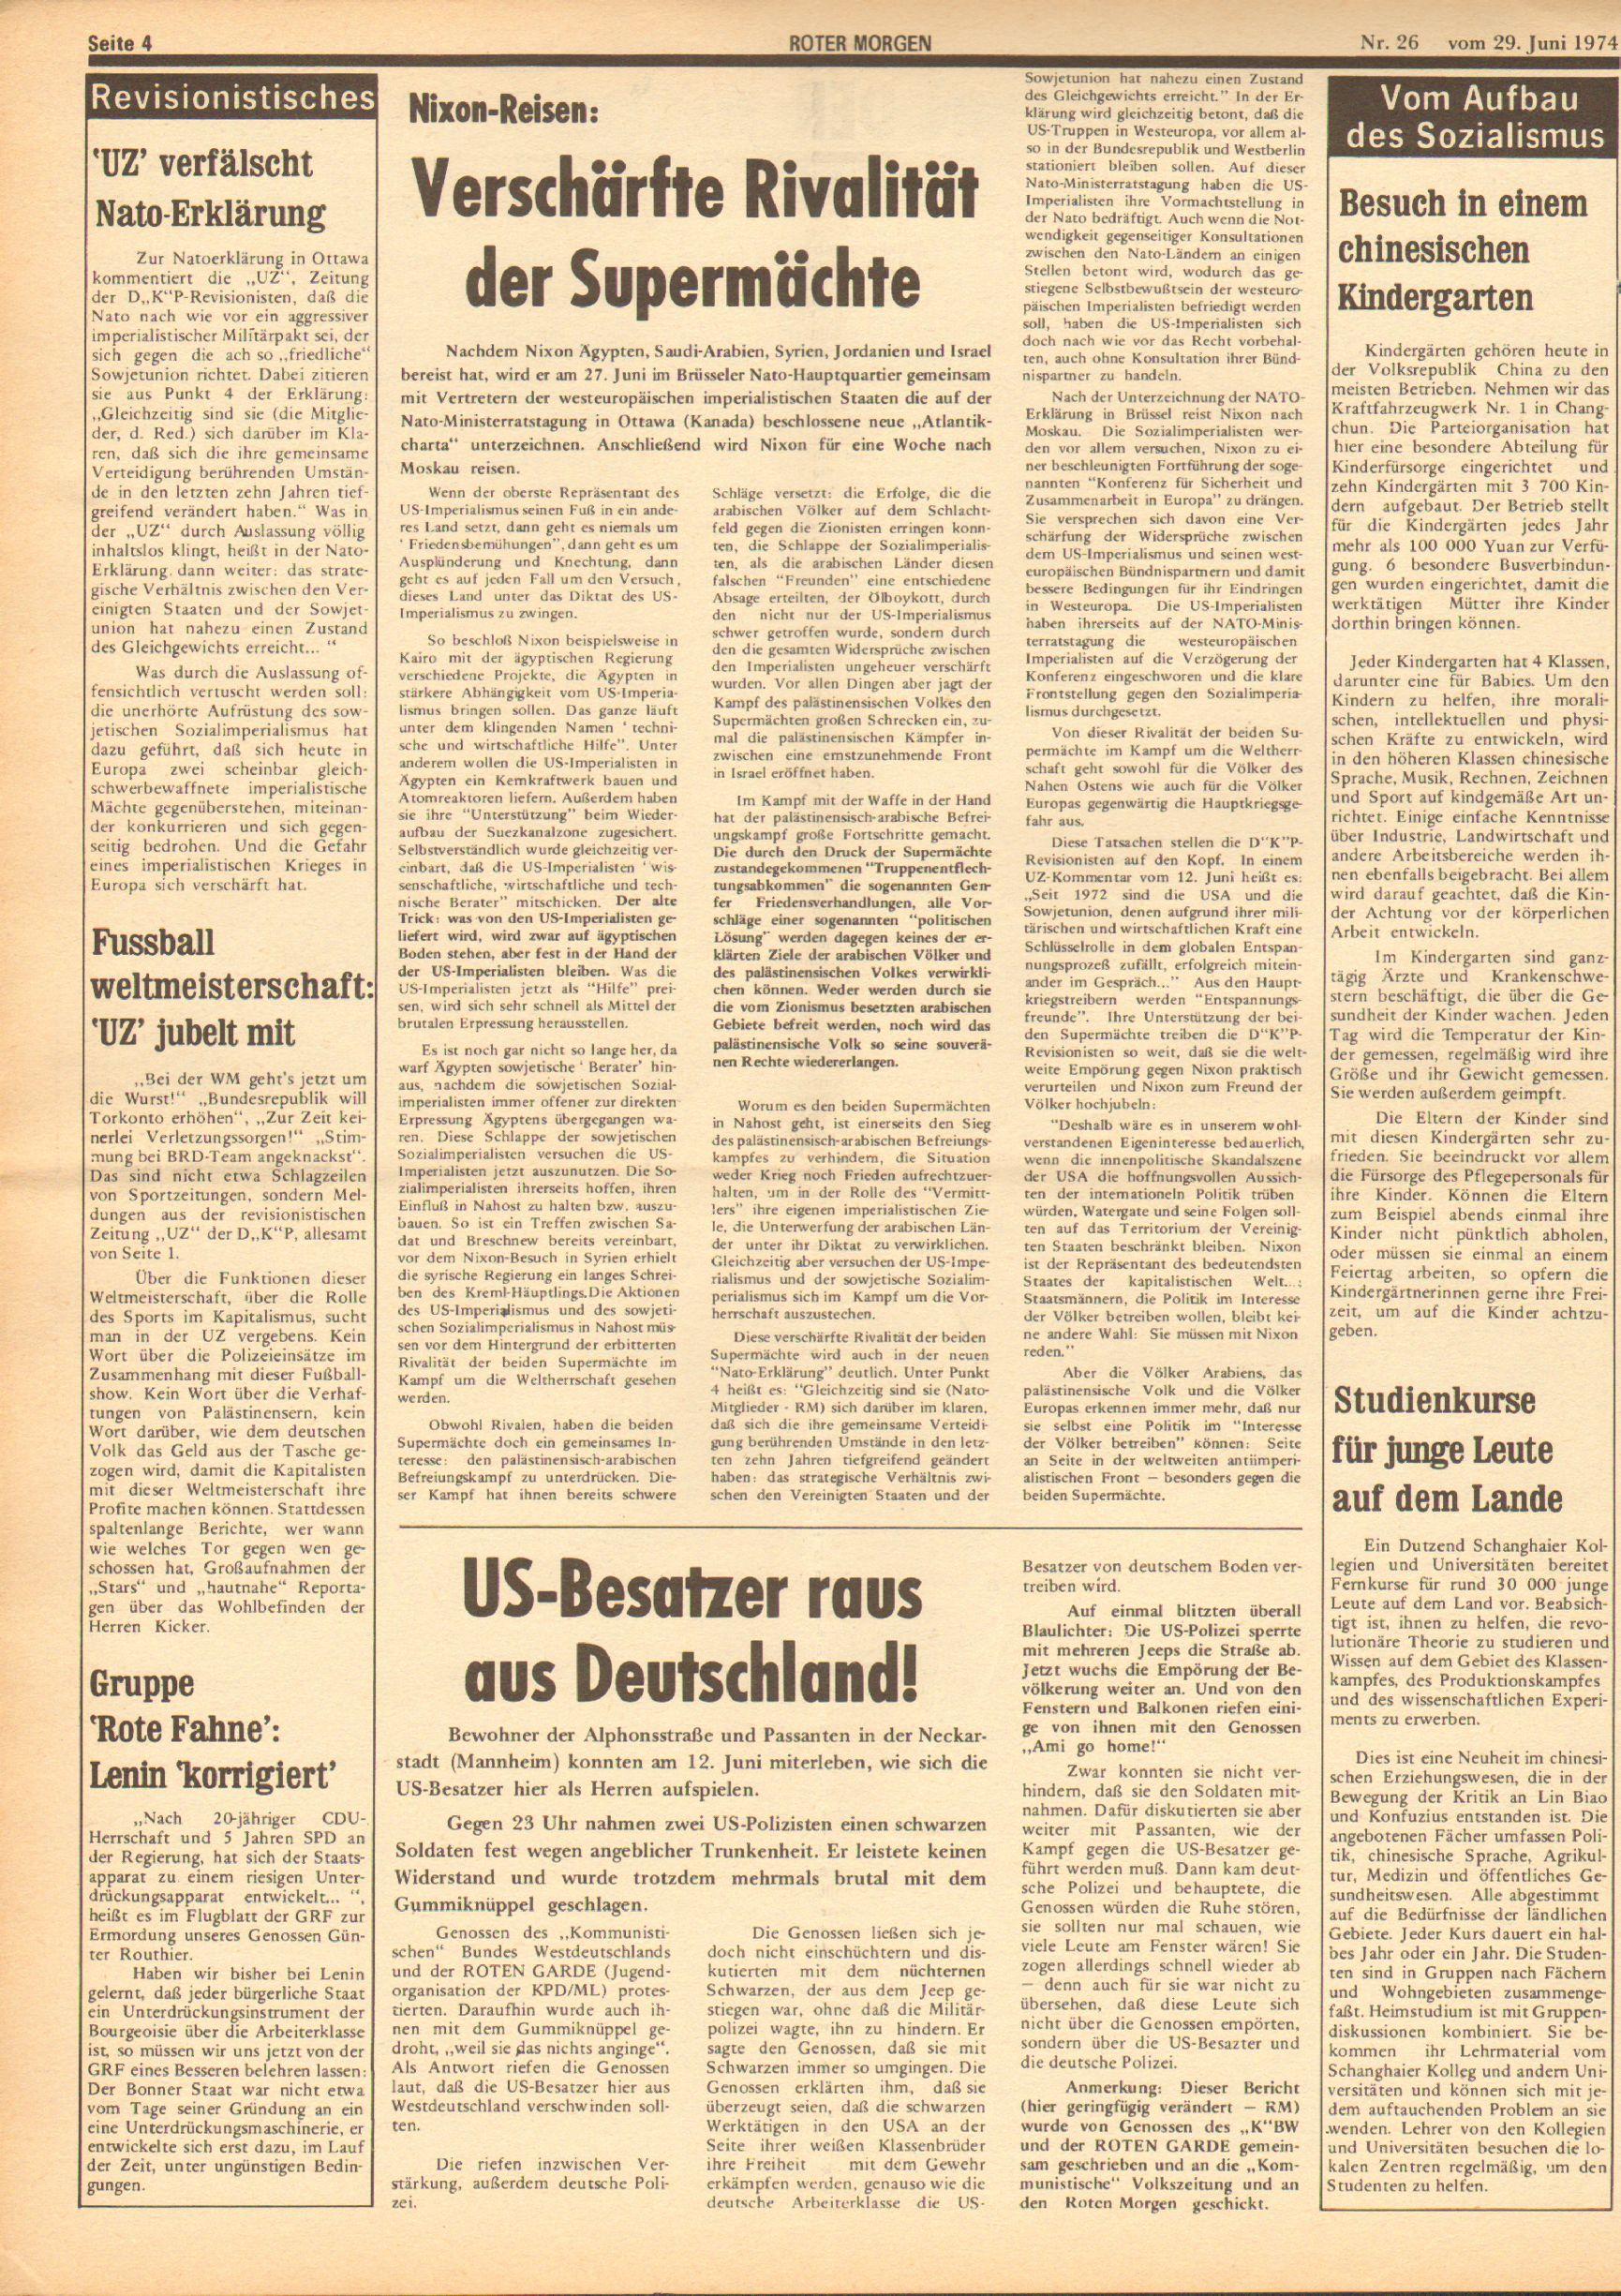 RM 26/1974, S. 4